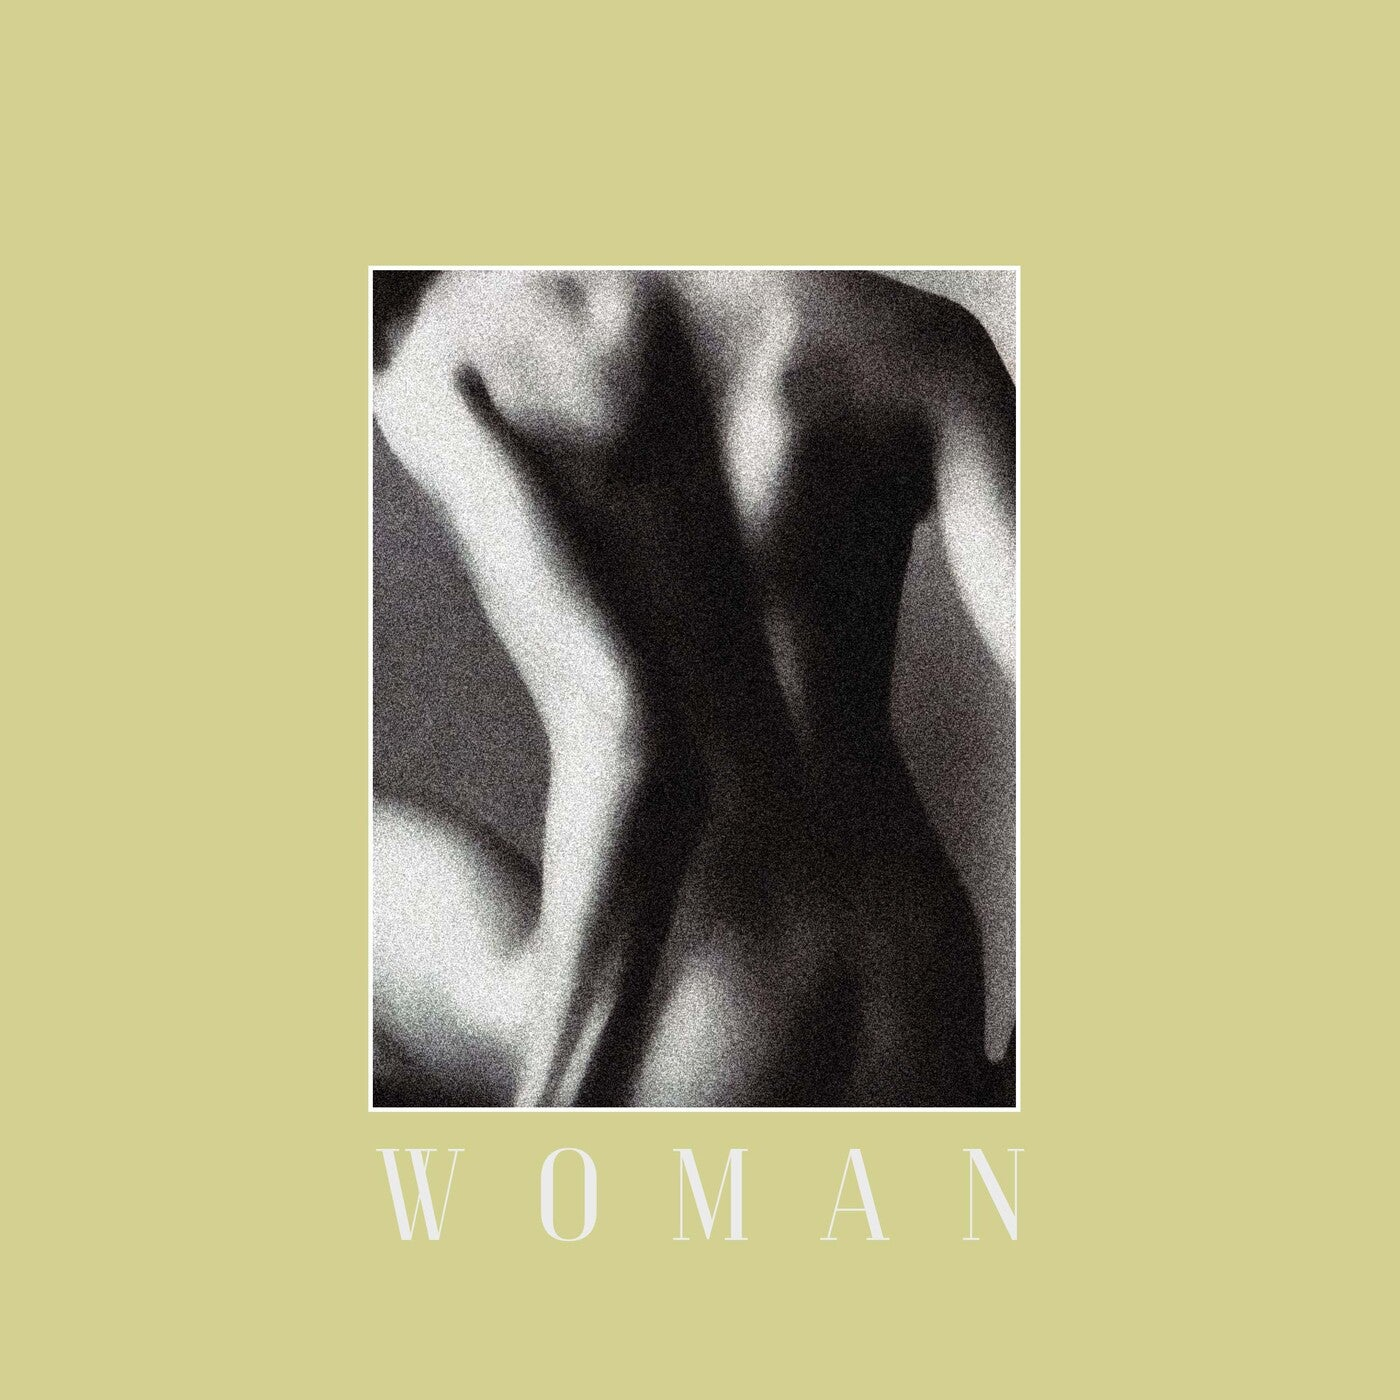 Woman feat. Mopao Mumu (Fka Mash Afro Glitch Extended)